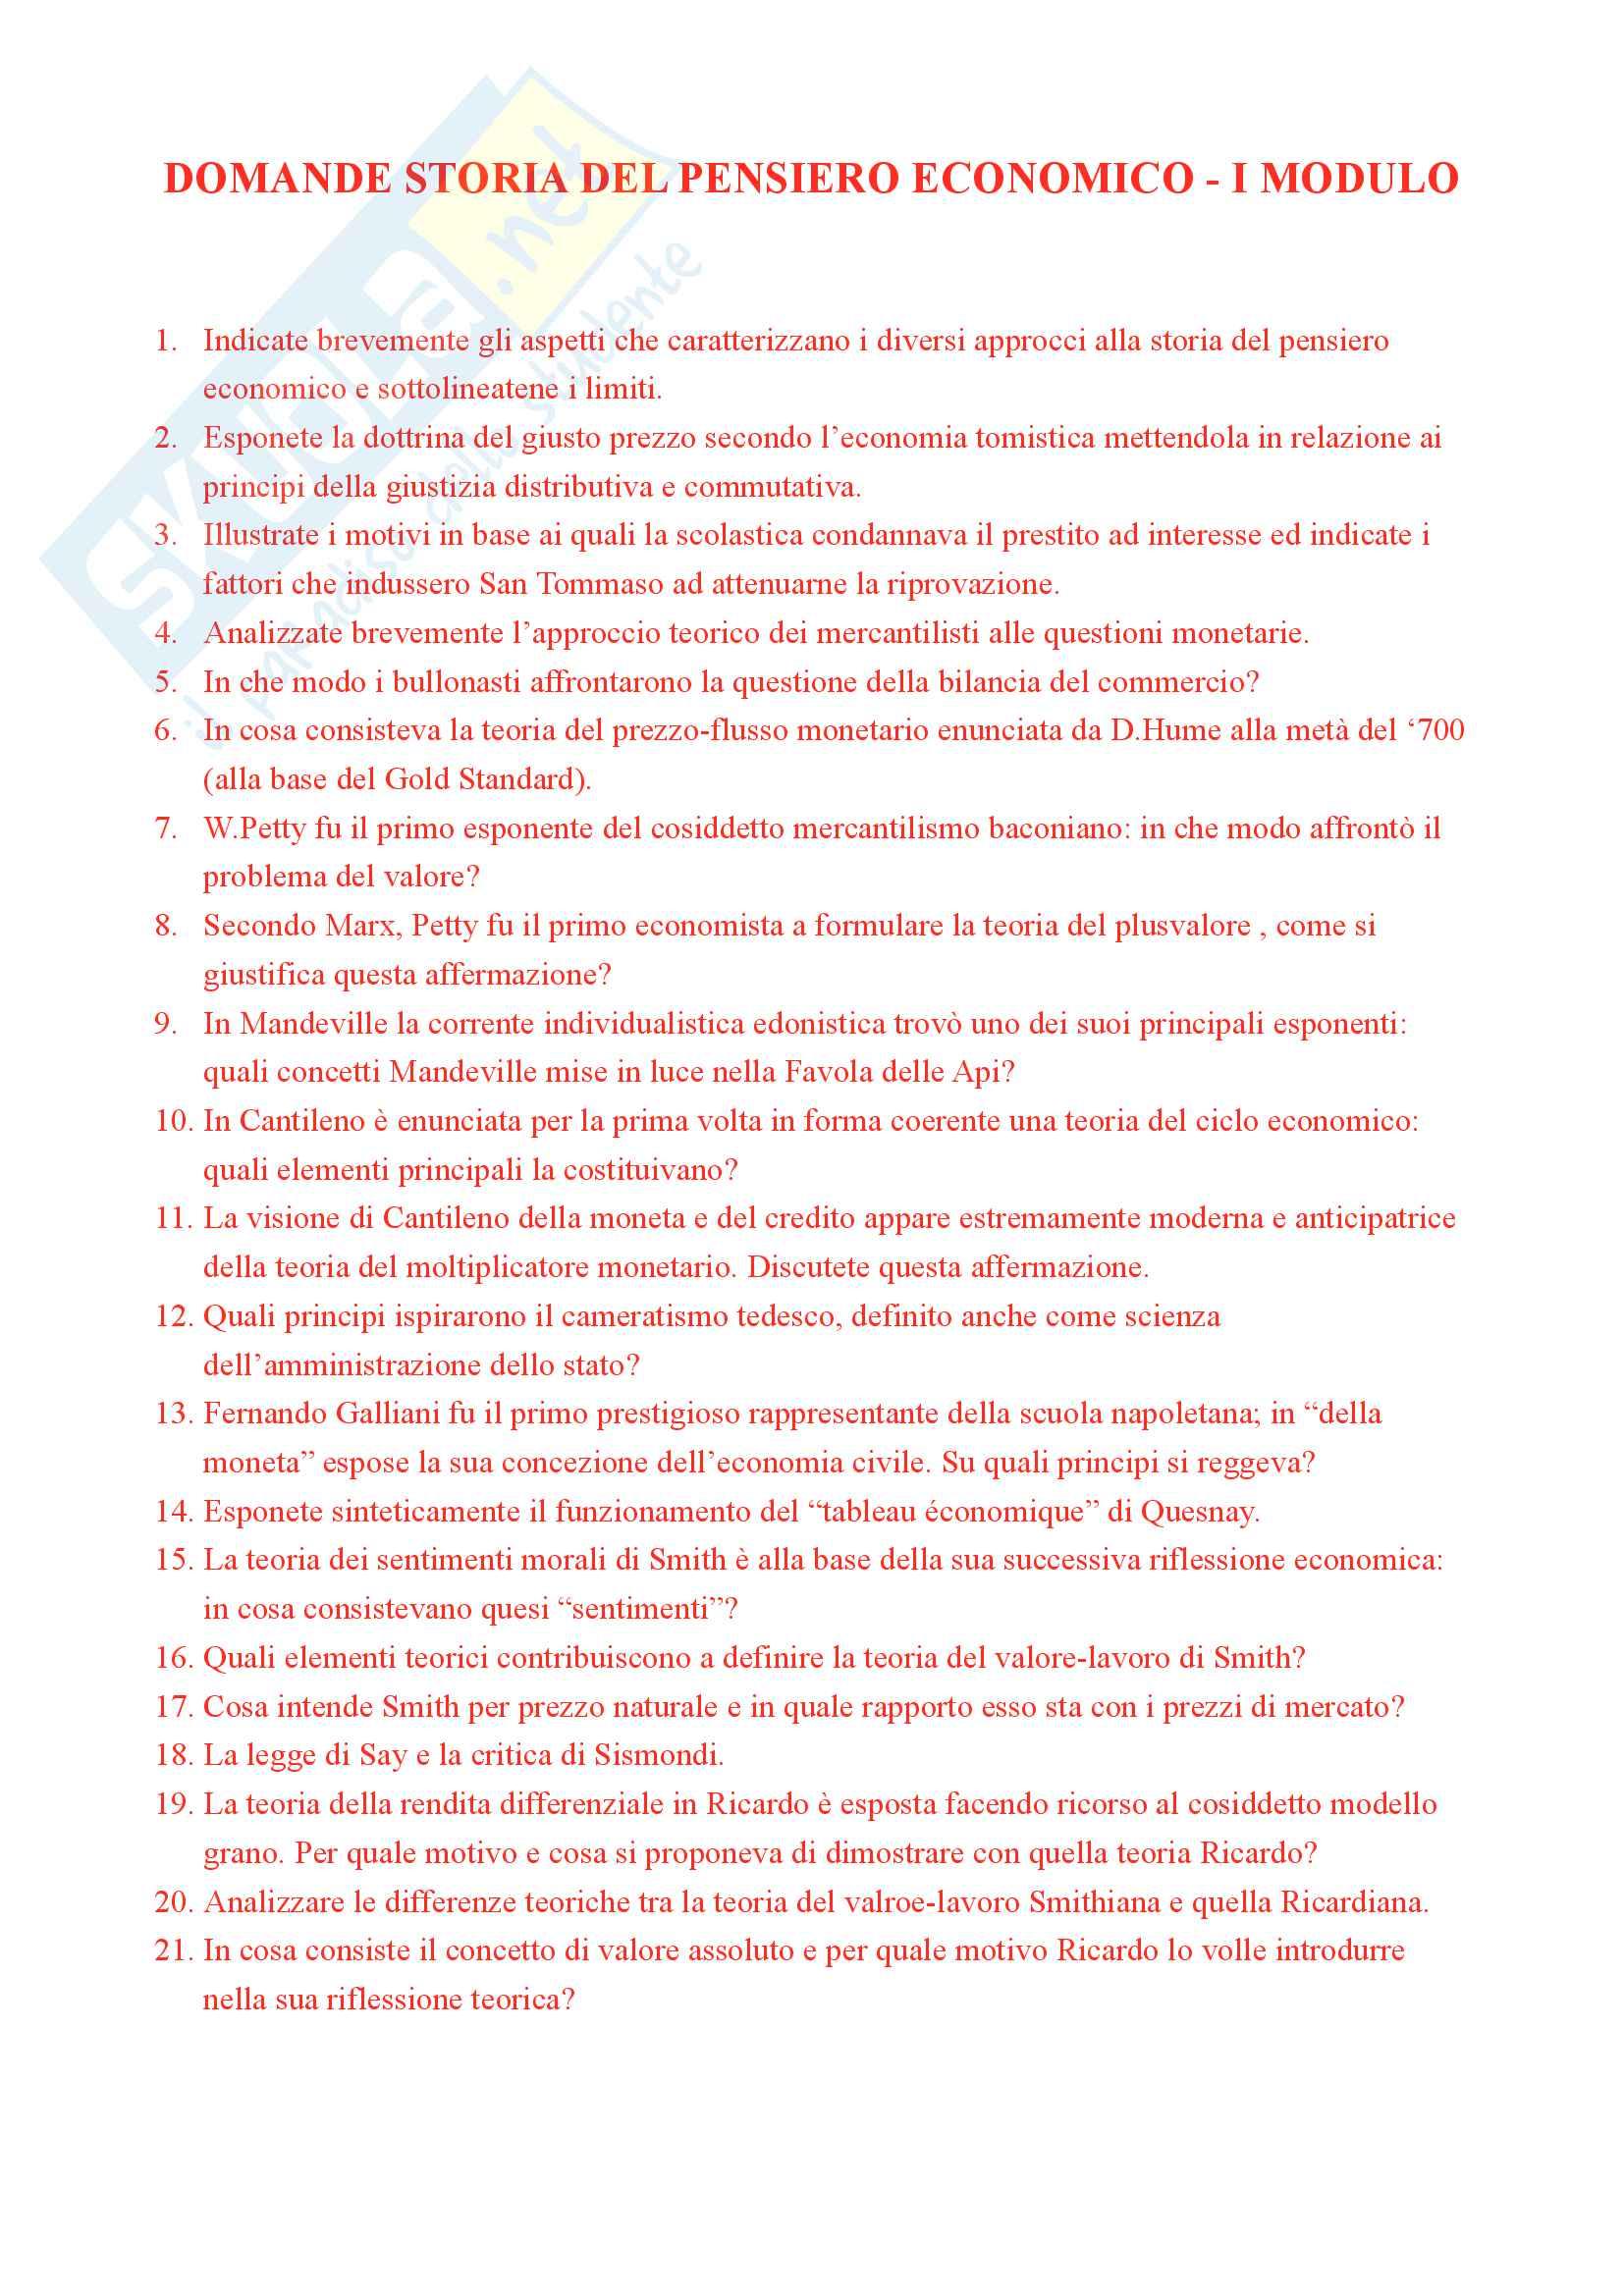 Storia del pensiero economico - Domande e risposte d'esame I parziale - Prof. Fornasari Massimo - VOTO 30